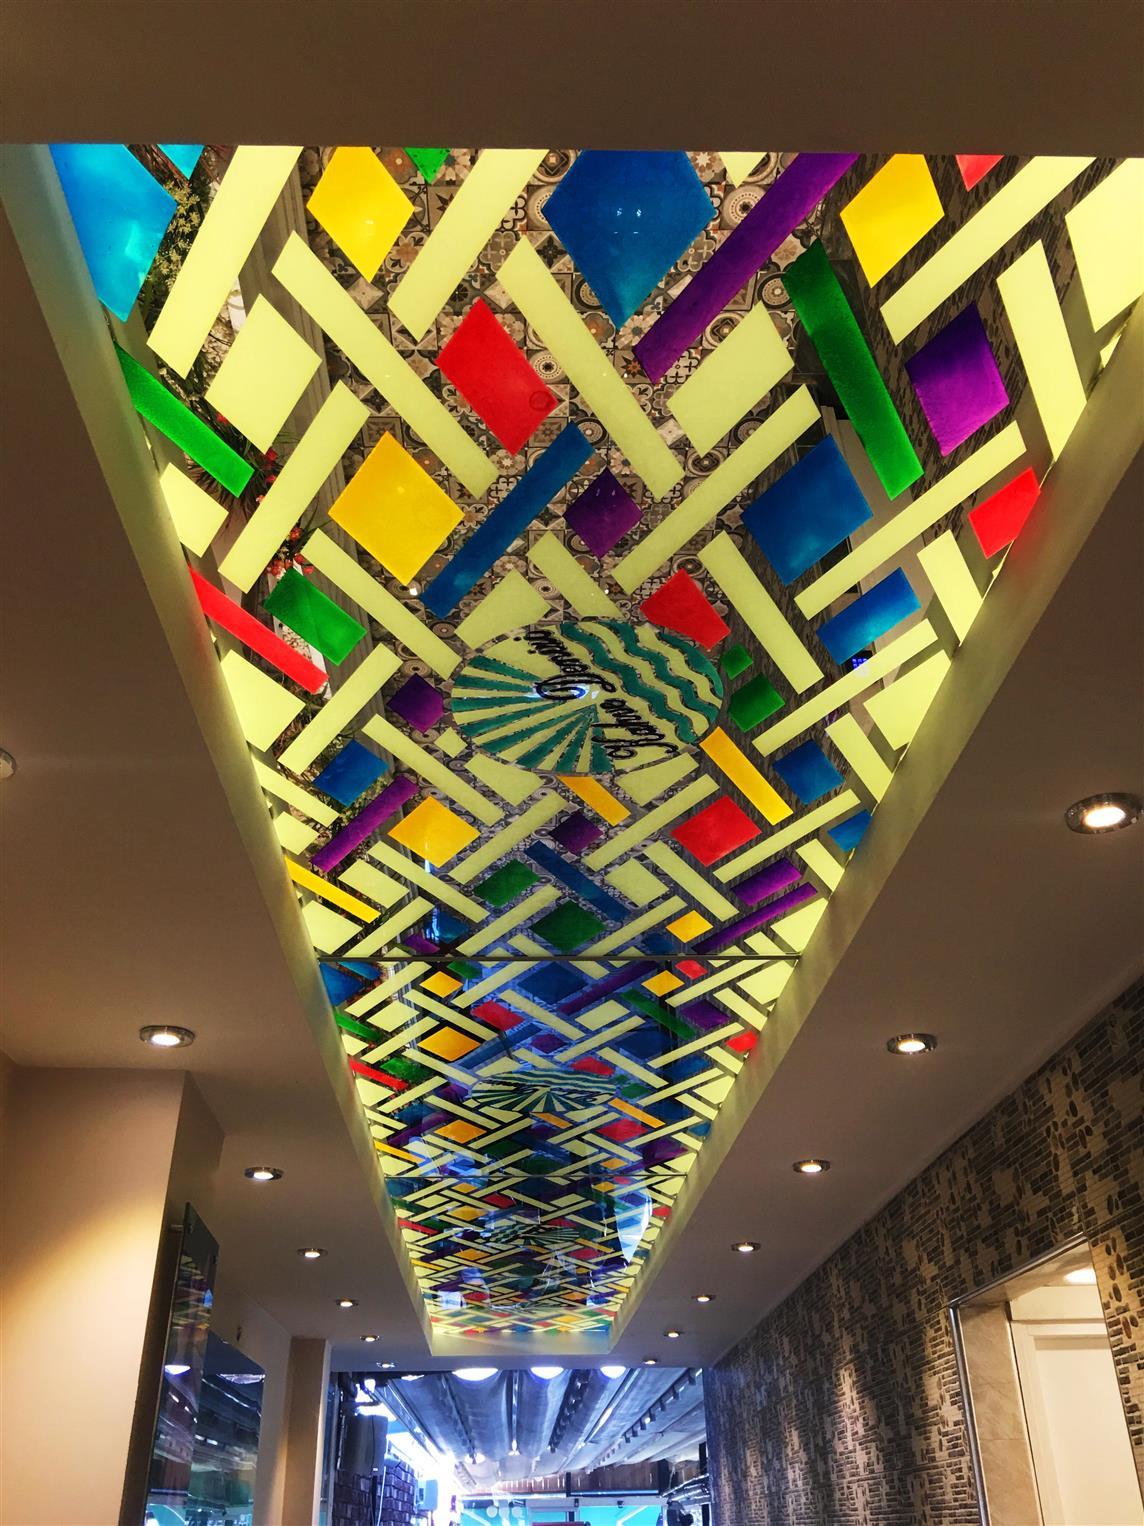 kahve-denizi-cafe-restaurant20171221184440416.jpg izmir vitray çalışması